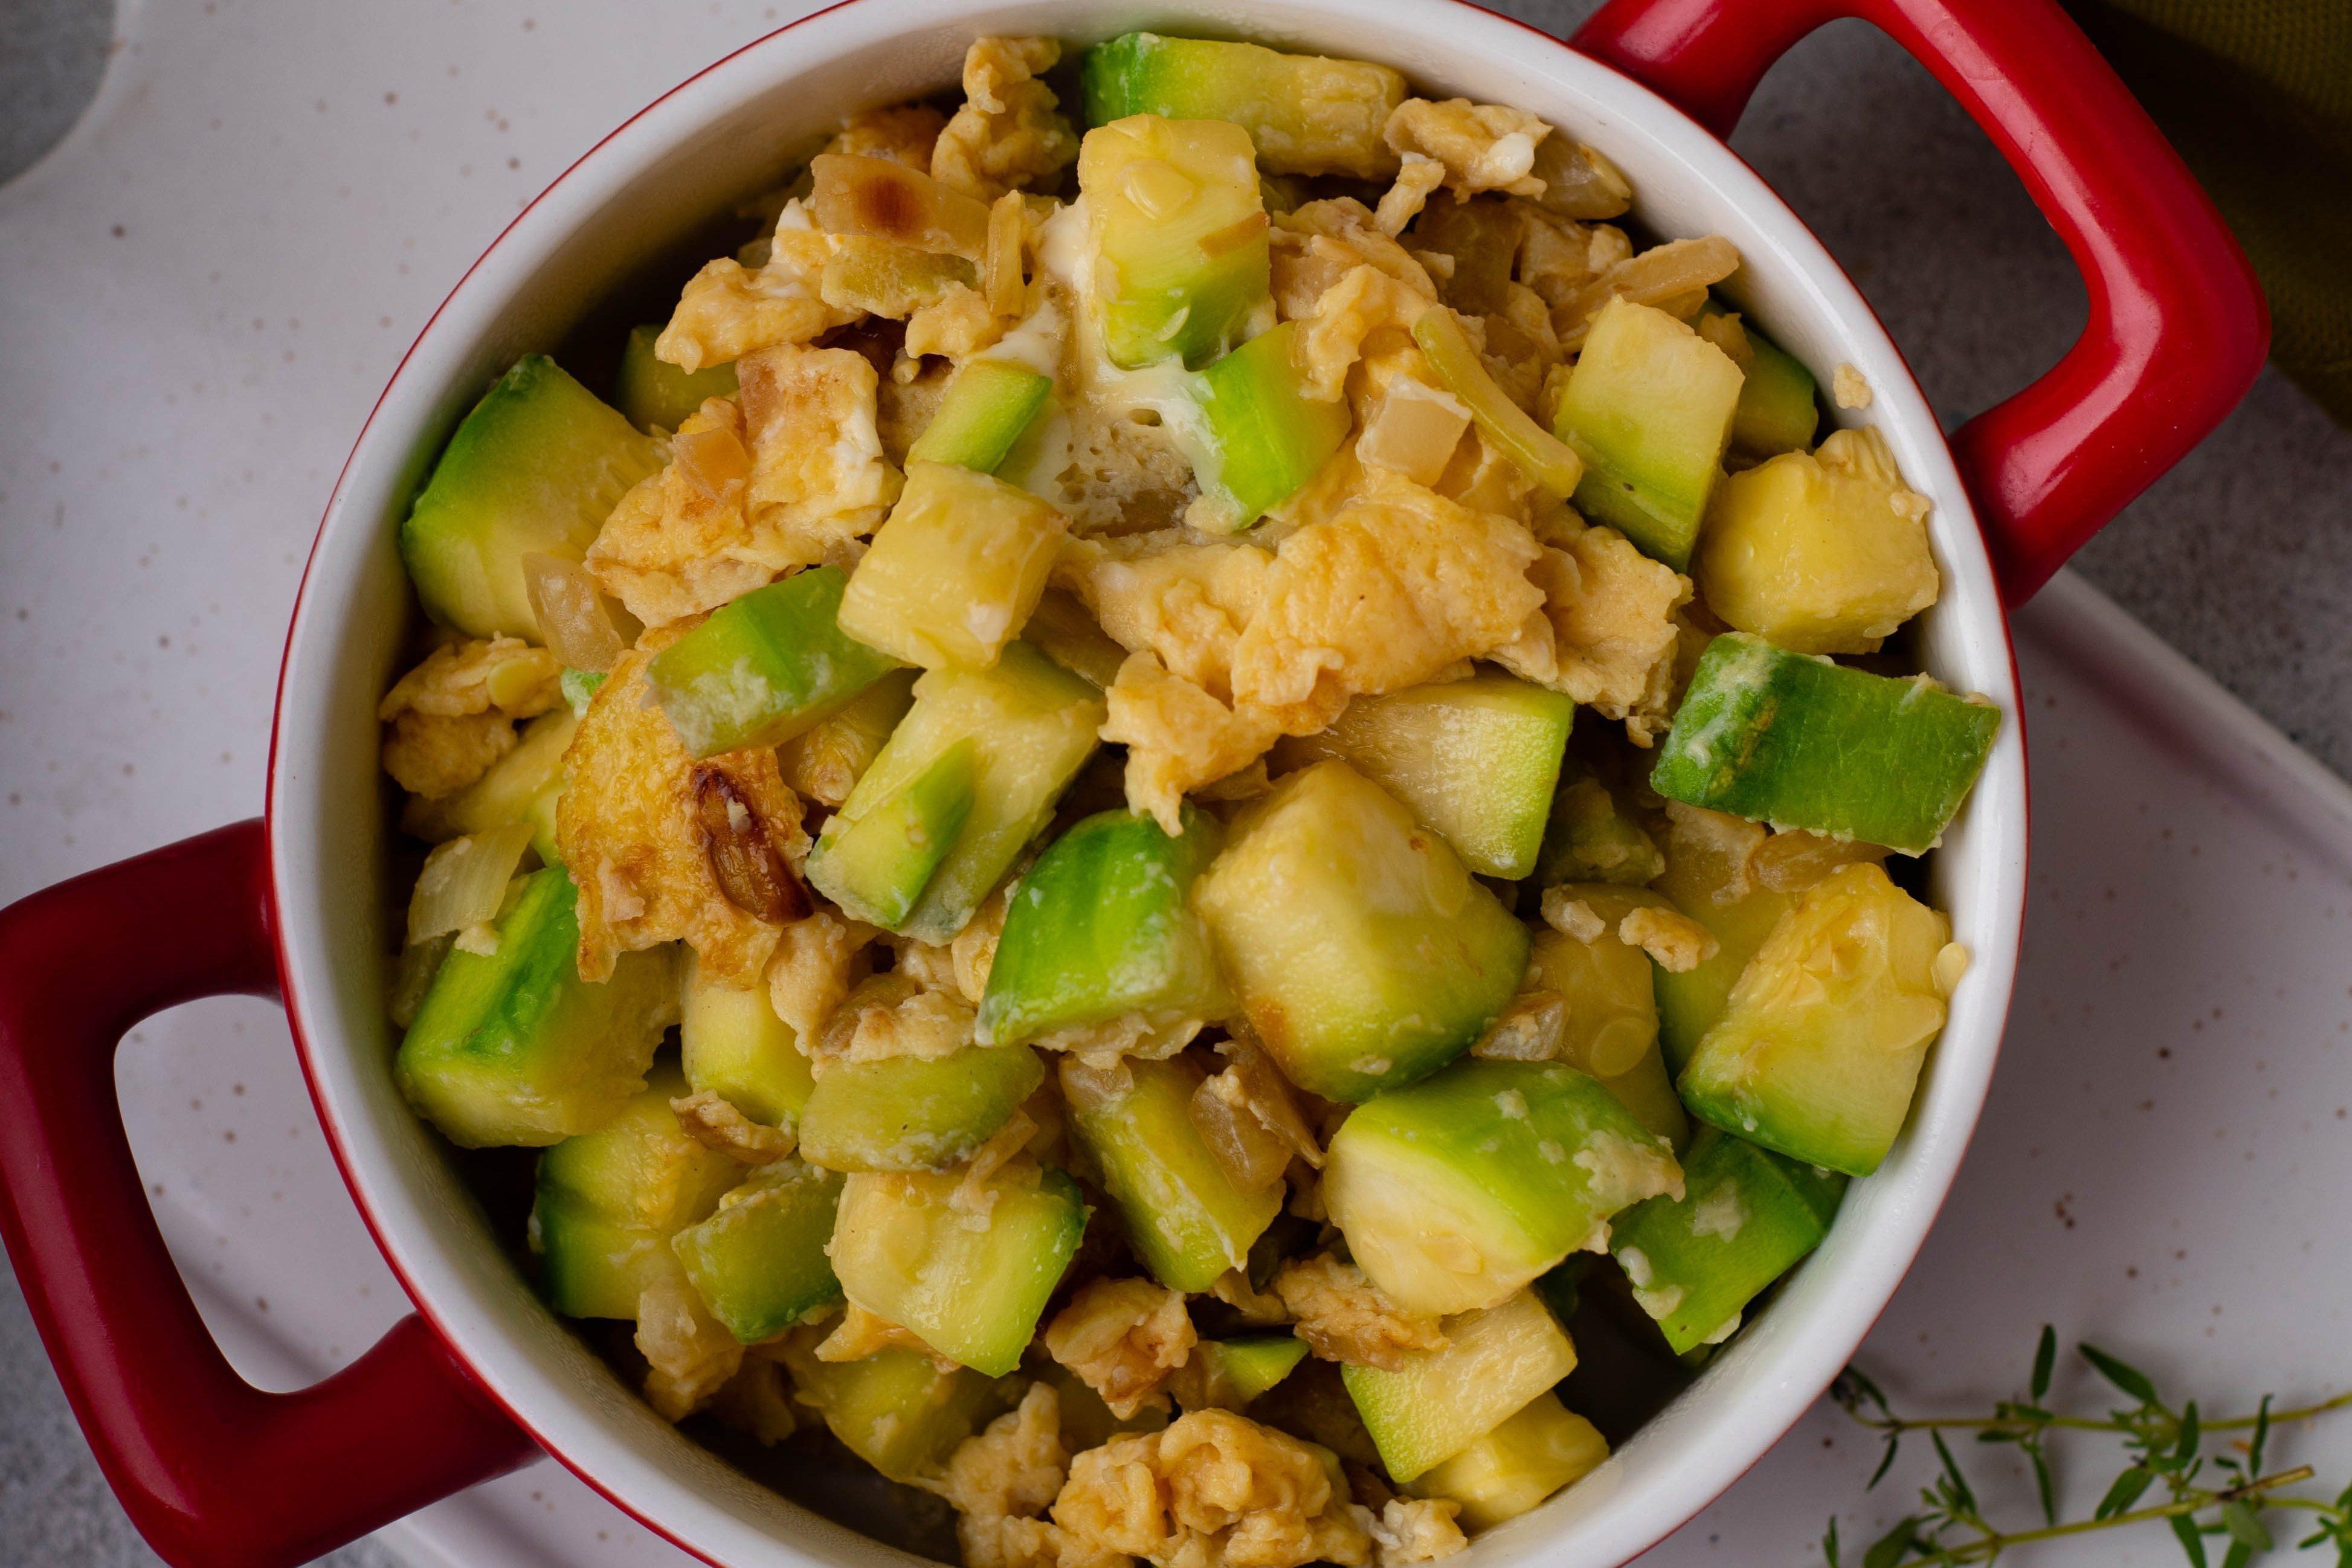 Uova e zucchine in tegame: la ricetta del contorno goloso pronto in pochi minuti